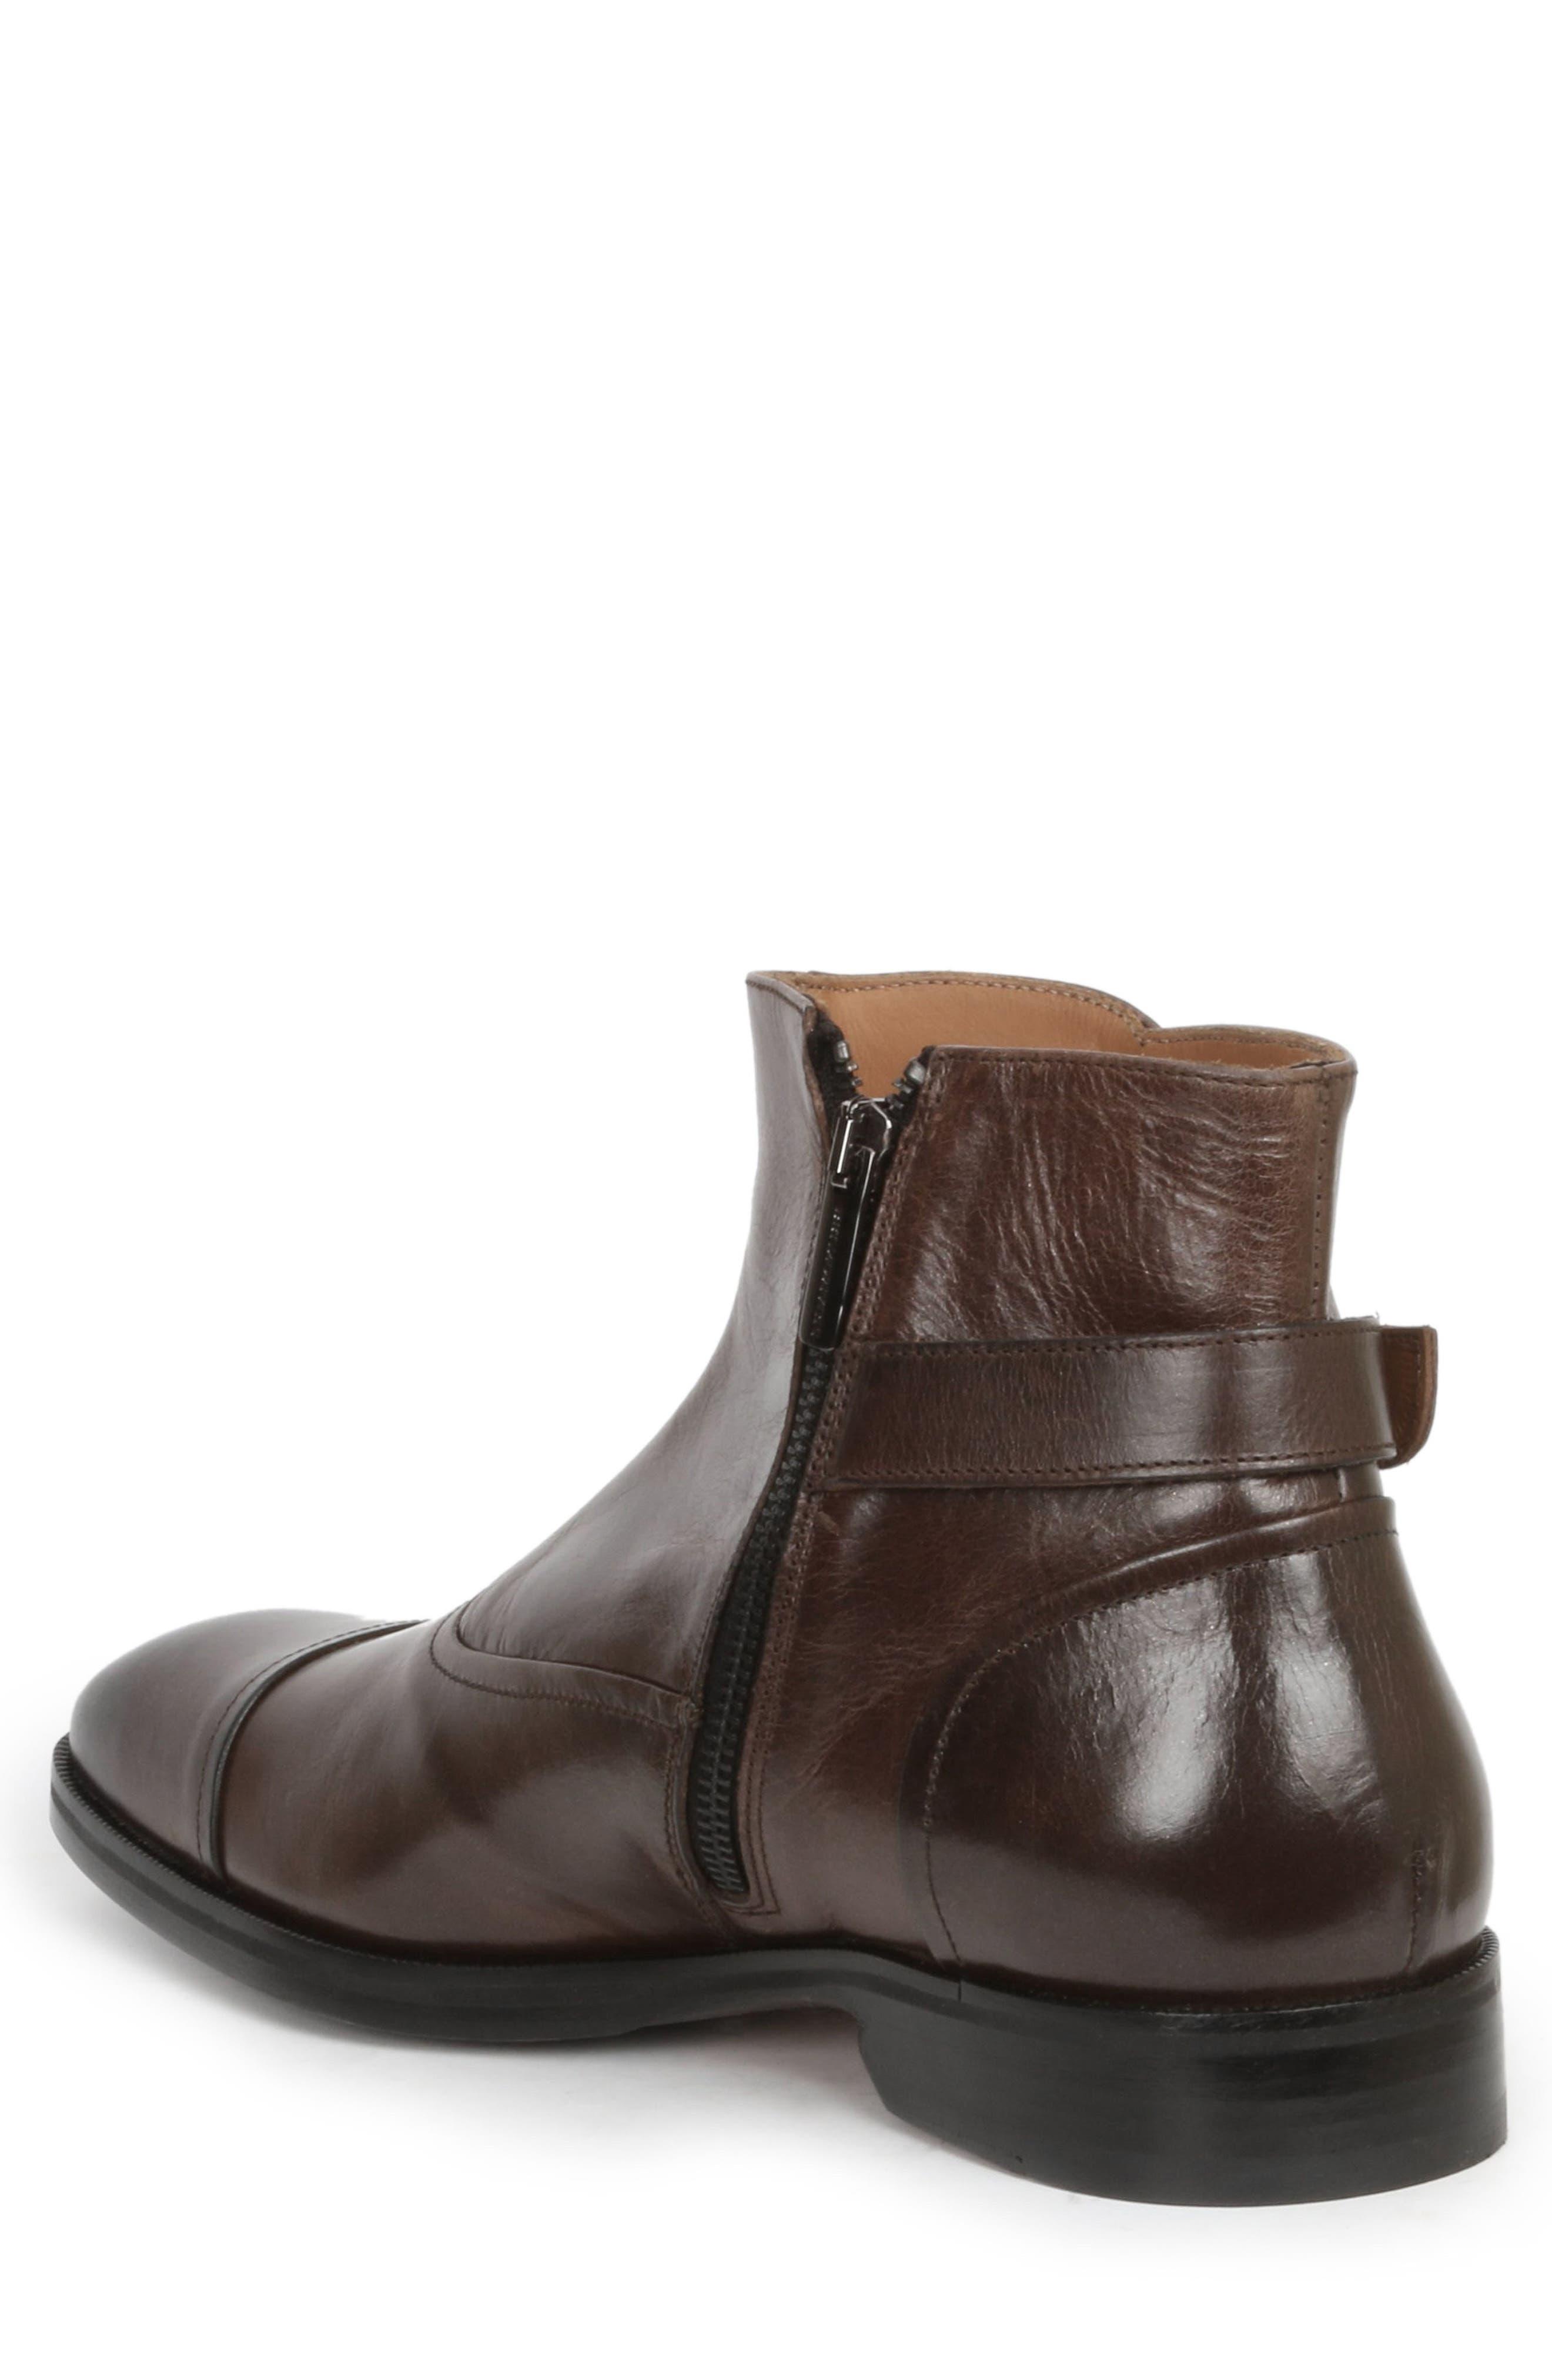 'Arcadia' Cap Toe Boot,                             Alternate thumbnail 2, color,                             Dark Brown Leather